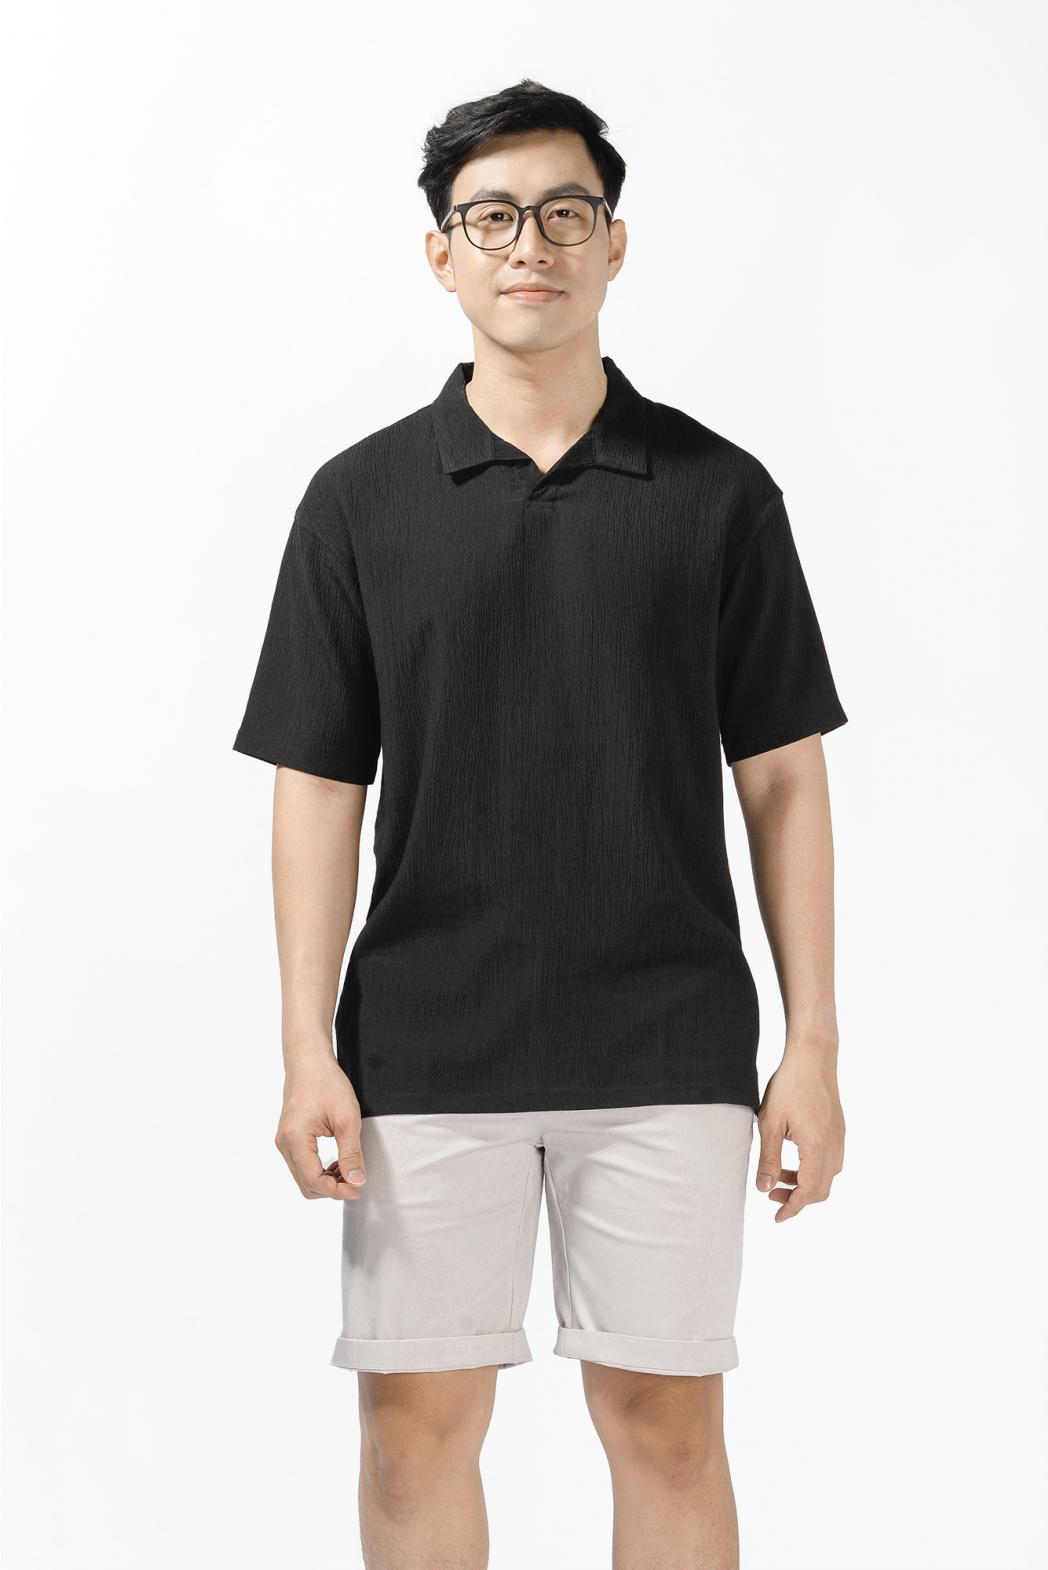 Áo polo vải gân. LOOSE form - 10S21POL013